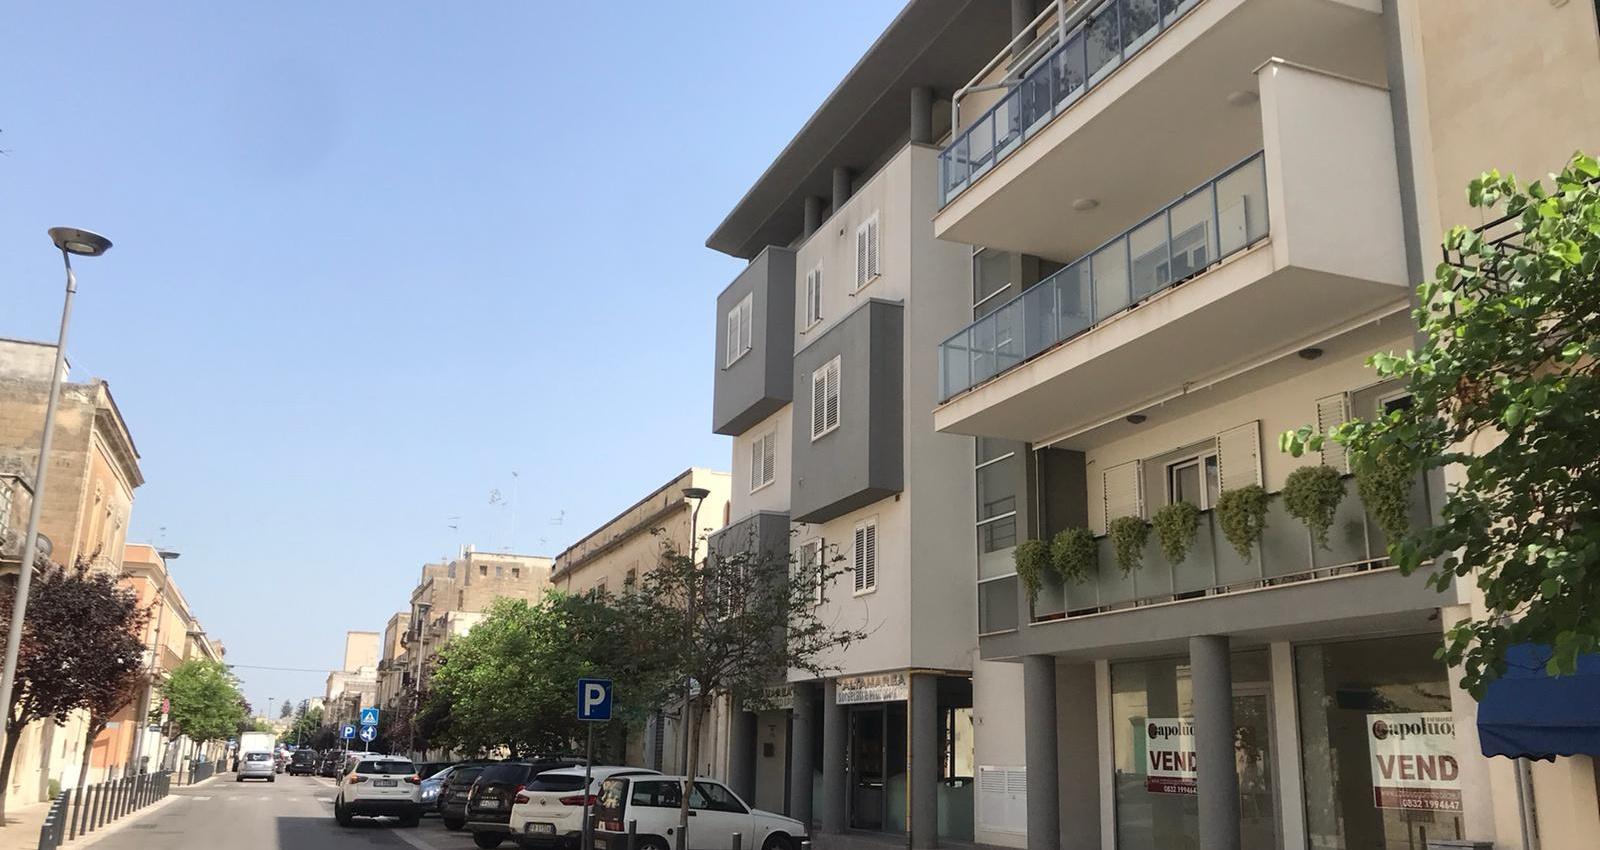 1 Stanze, Locale Commerciale, Vendita, Via di Leuca, ID Elenco 2355, Lecce, Puglia,